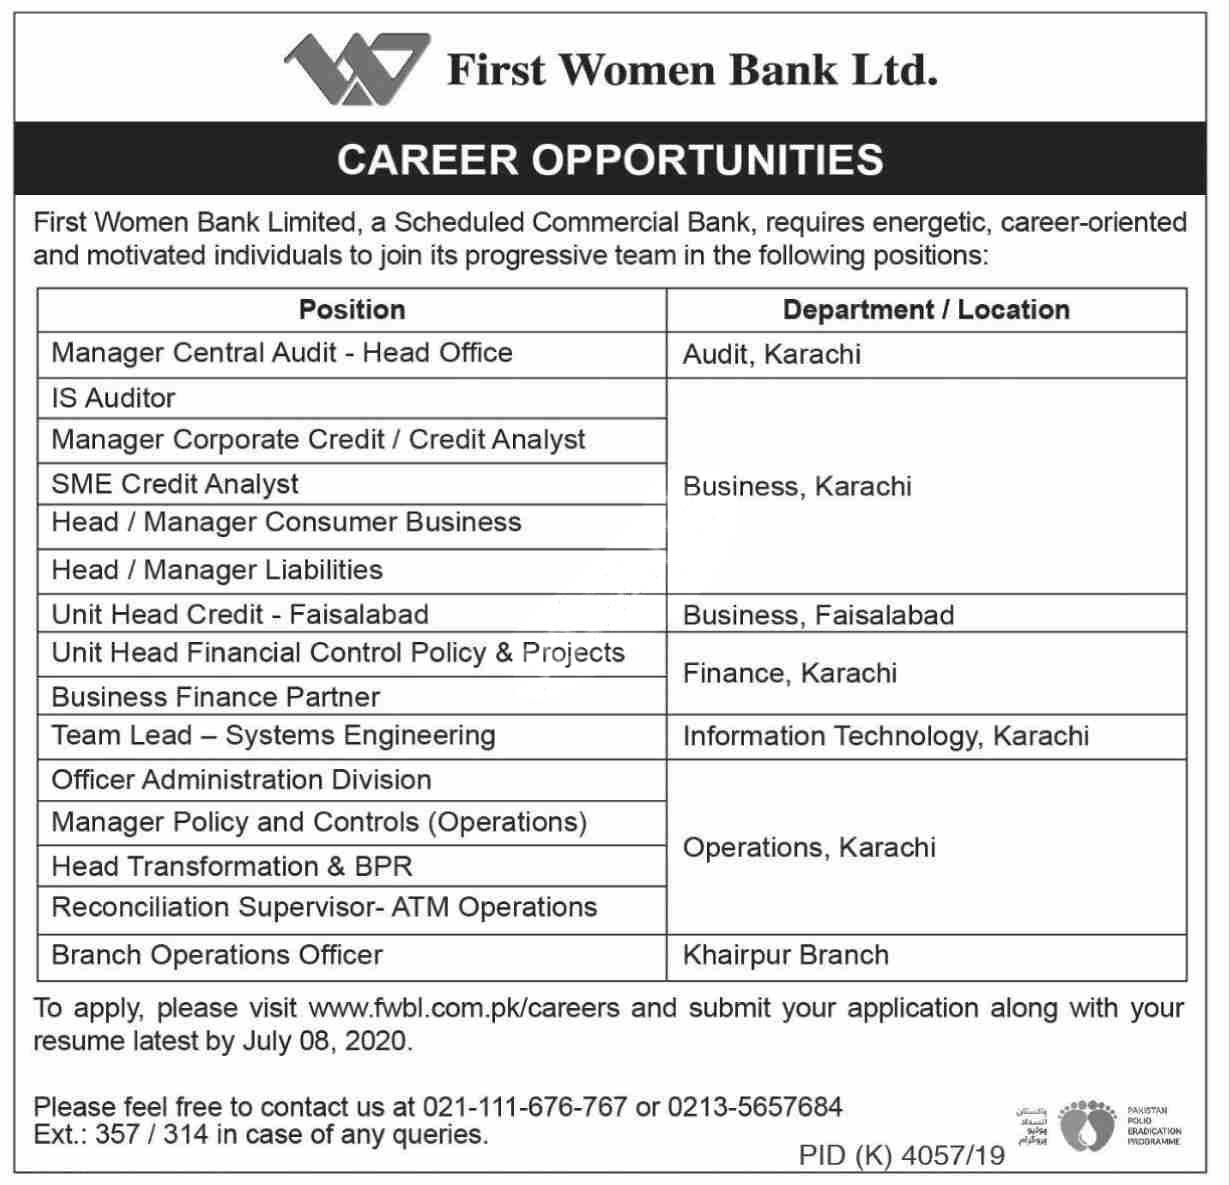 First Women Bank Limited Fwbl Jobs 2020 Latest